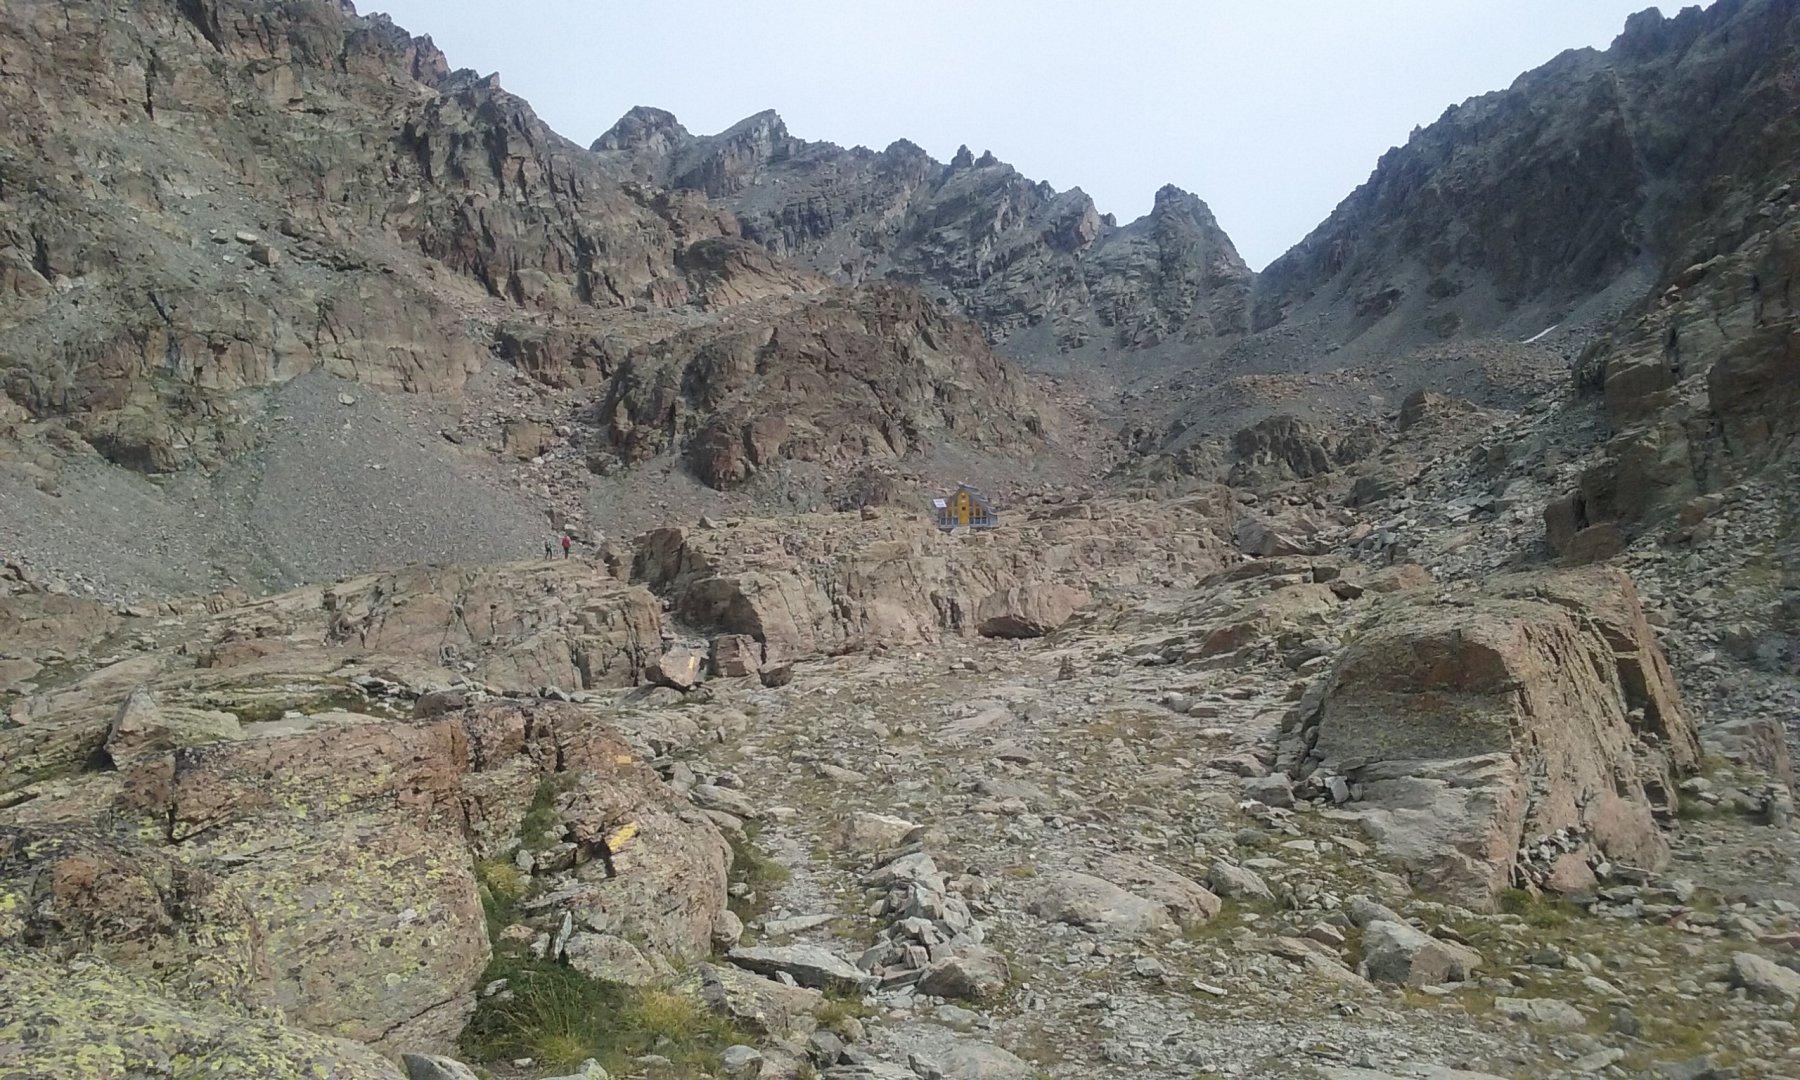 Il bivacco Boarelli nel bellissimo anfiteatro roccioso